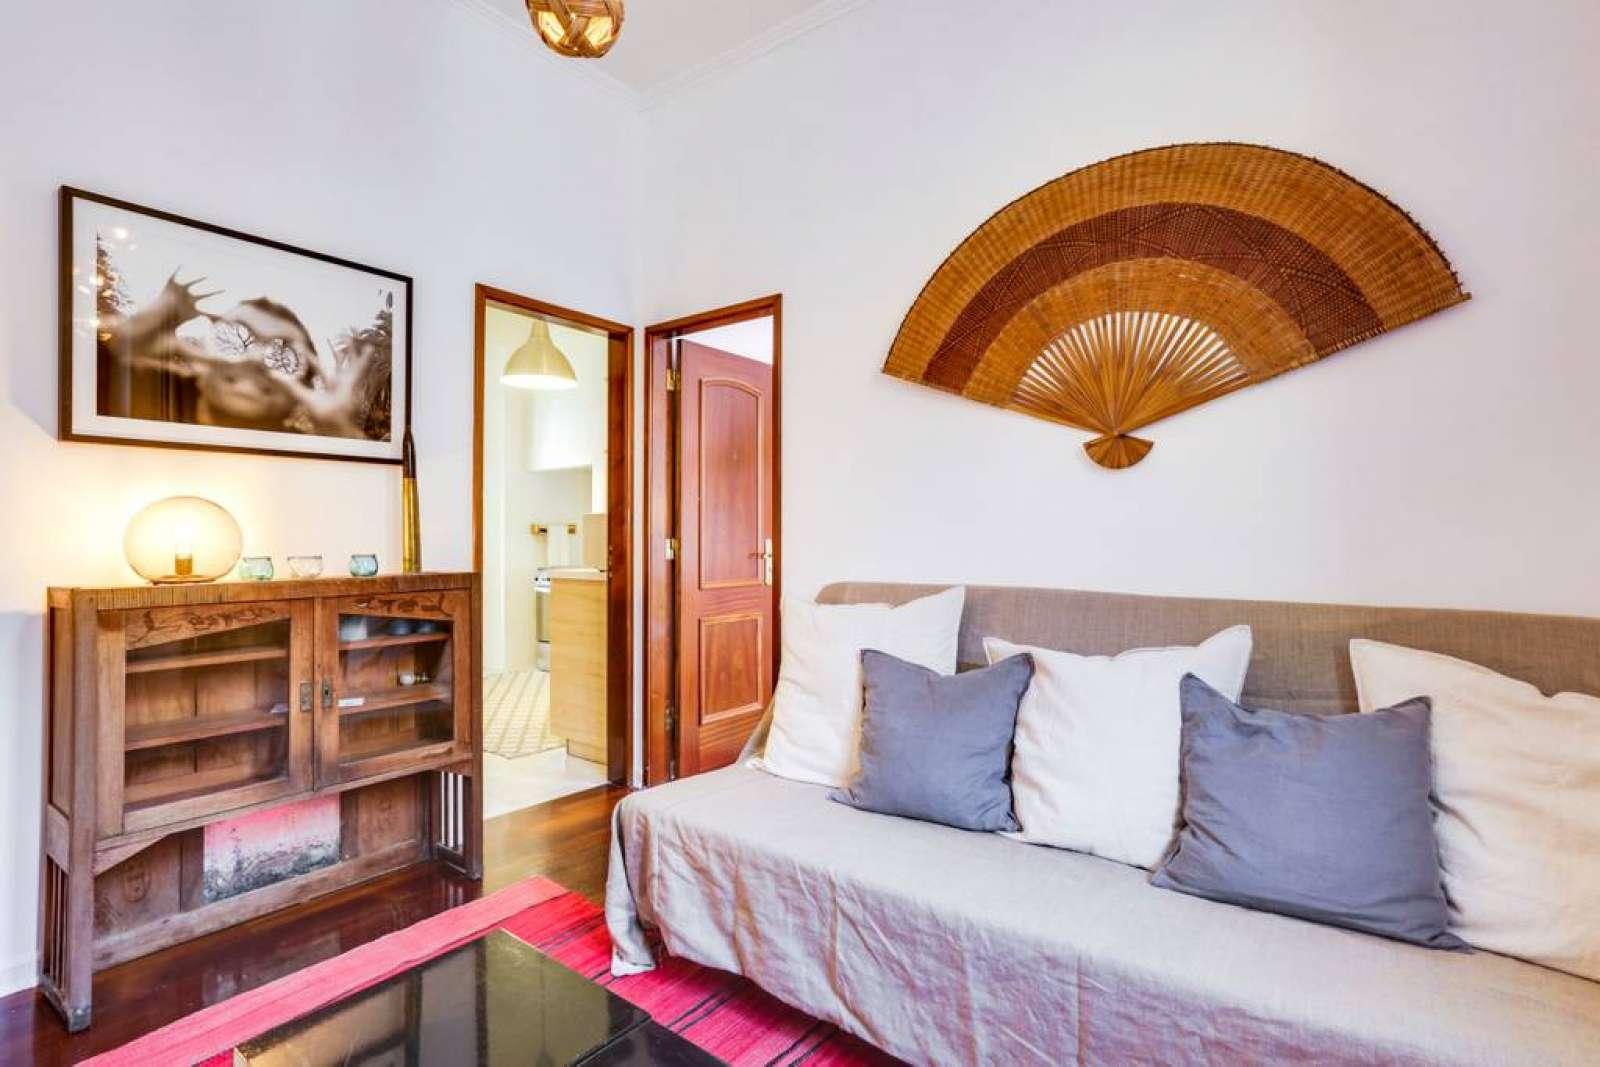 Bright 2-bedroom apartment for rent in Estrela | Flat rent ...